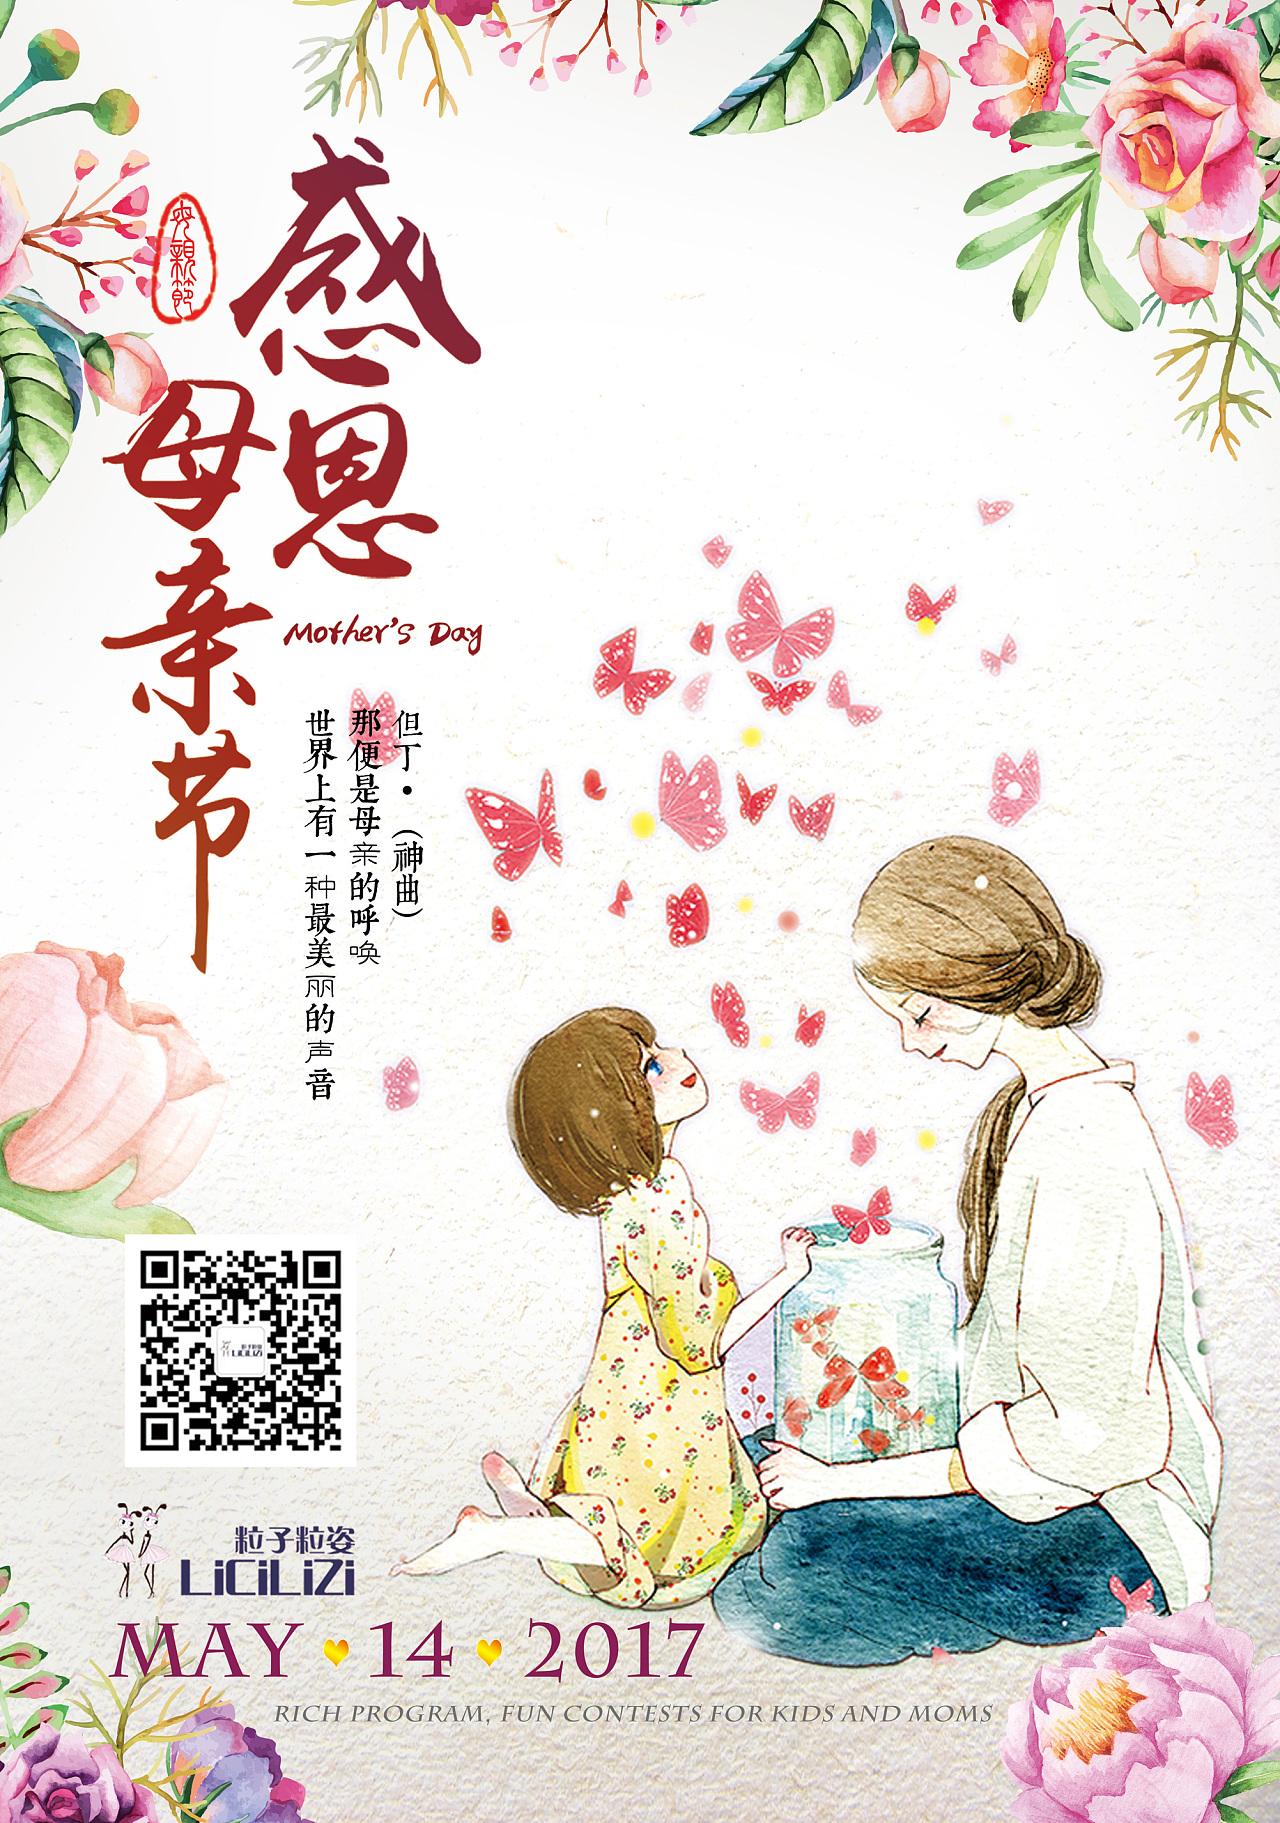 母亲节/节日活动海报/手绘漫画风